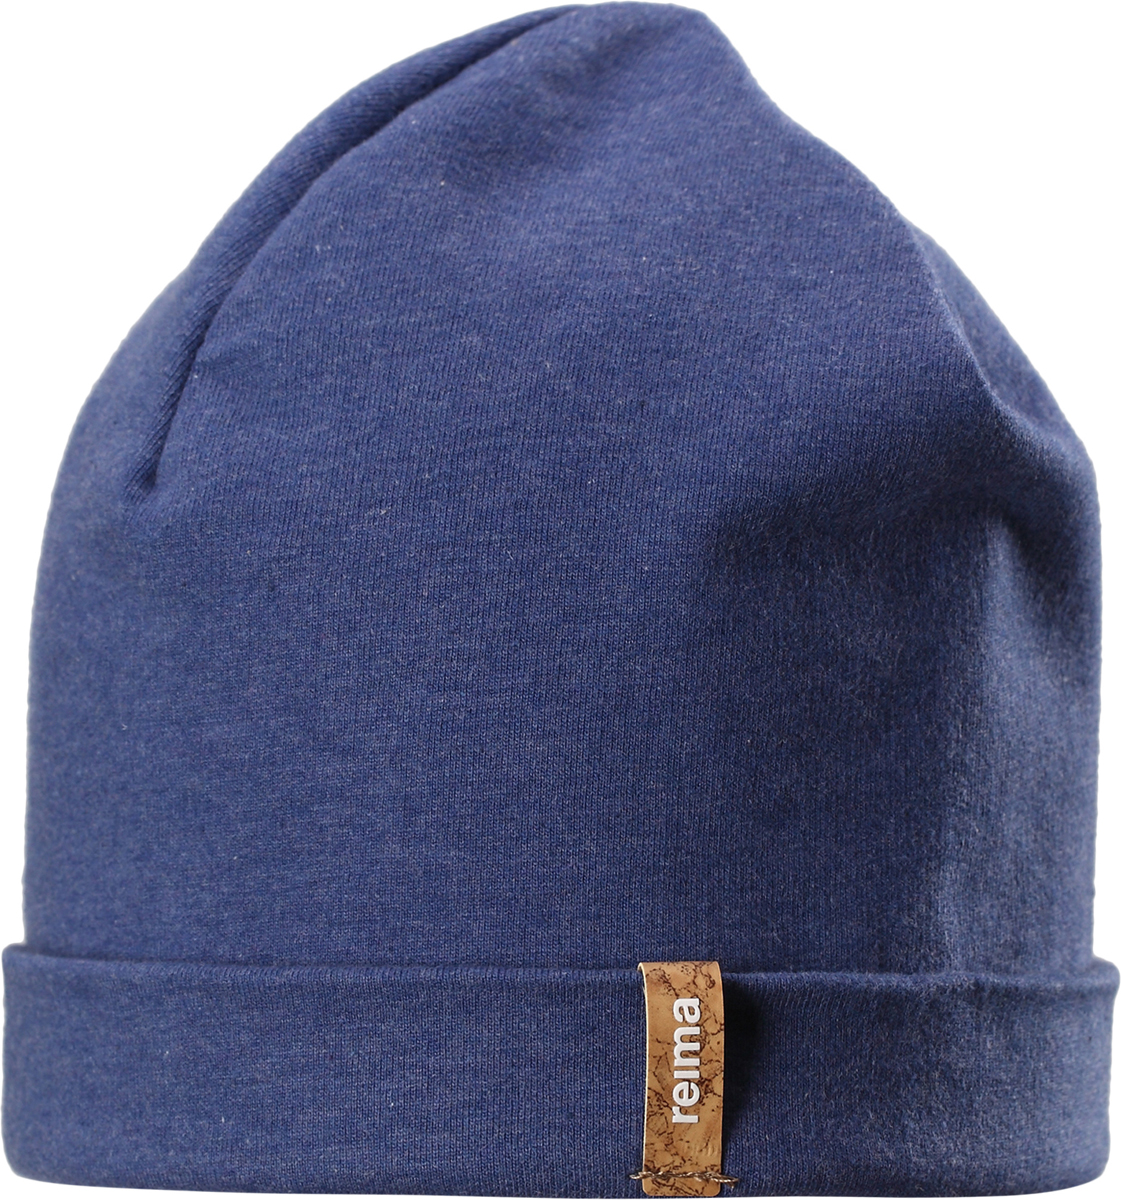 Шапка детская Reima Liuku, цвет: синий. 5285736840. Размер 485285736840Мягкая и удобная детская шапка сшита из дышащего и быстросохнущего трикотажа. А чудесные цвета отлично сочетаются с коллекцией верхней одежды Reima.